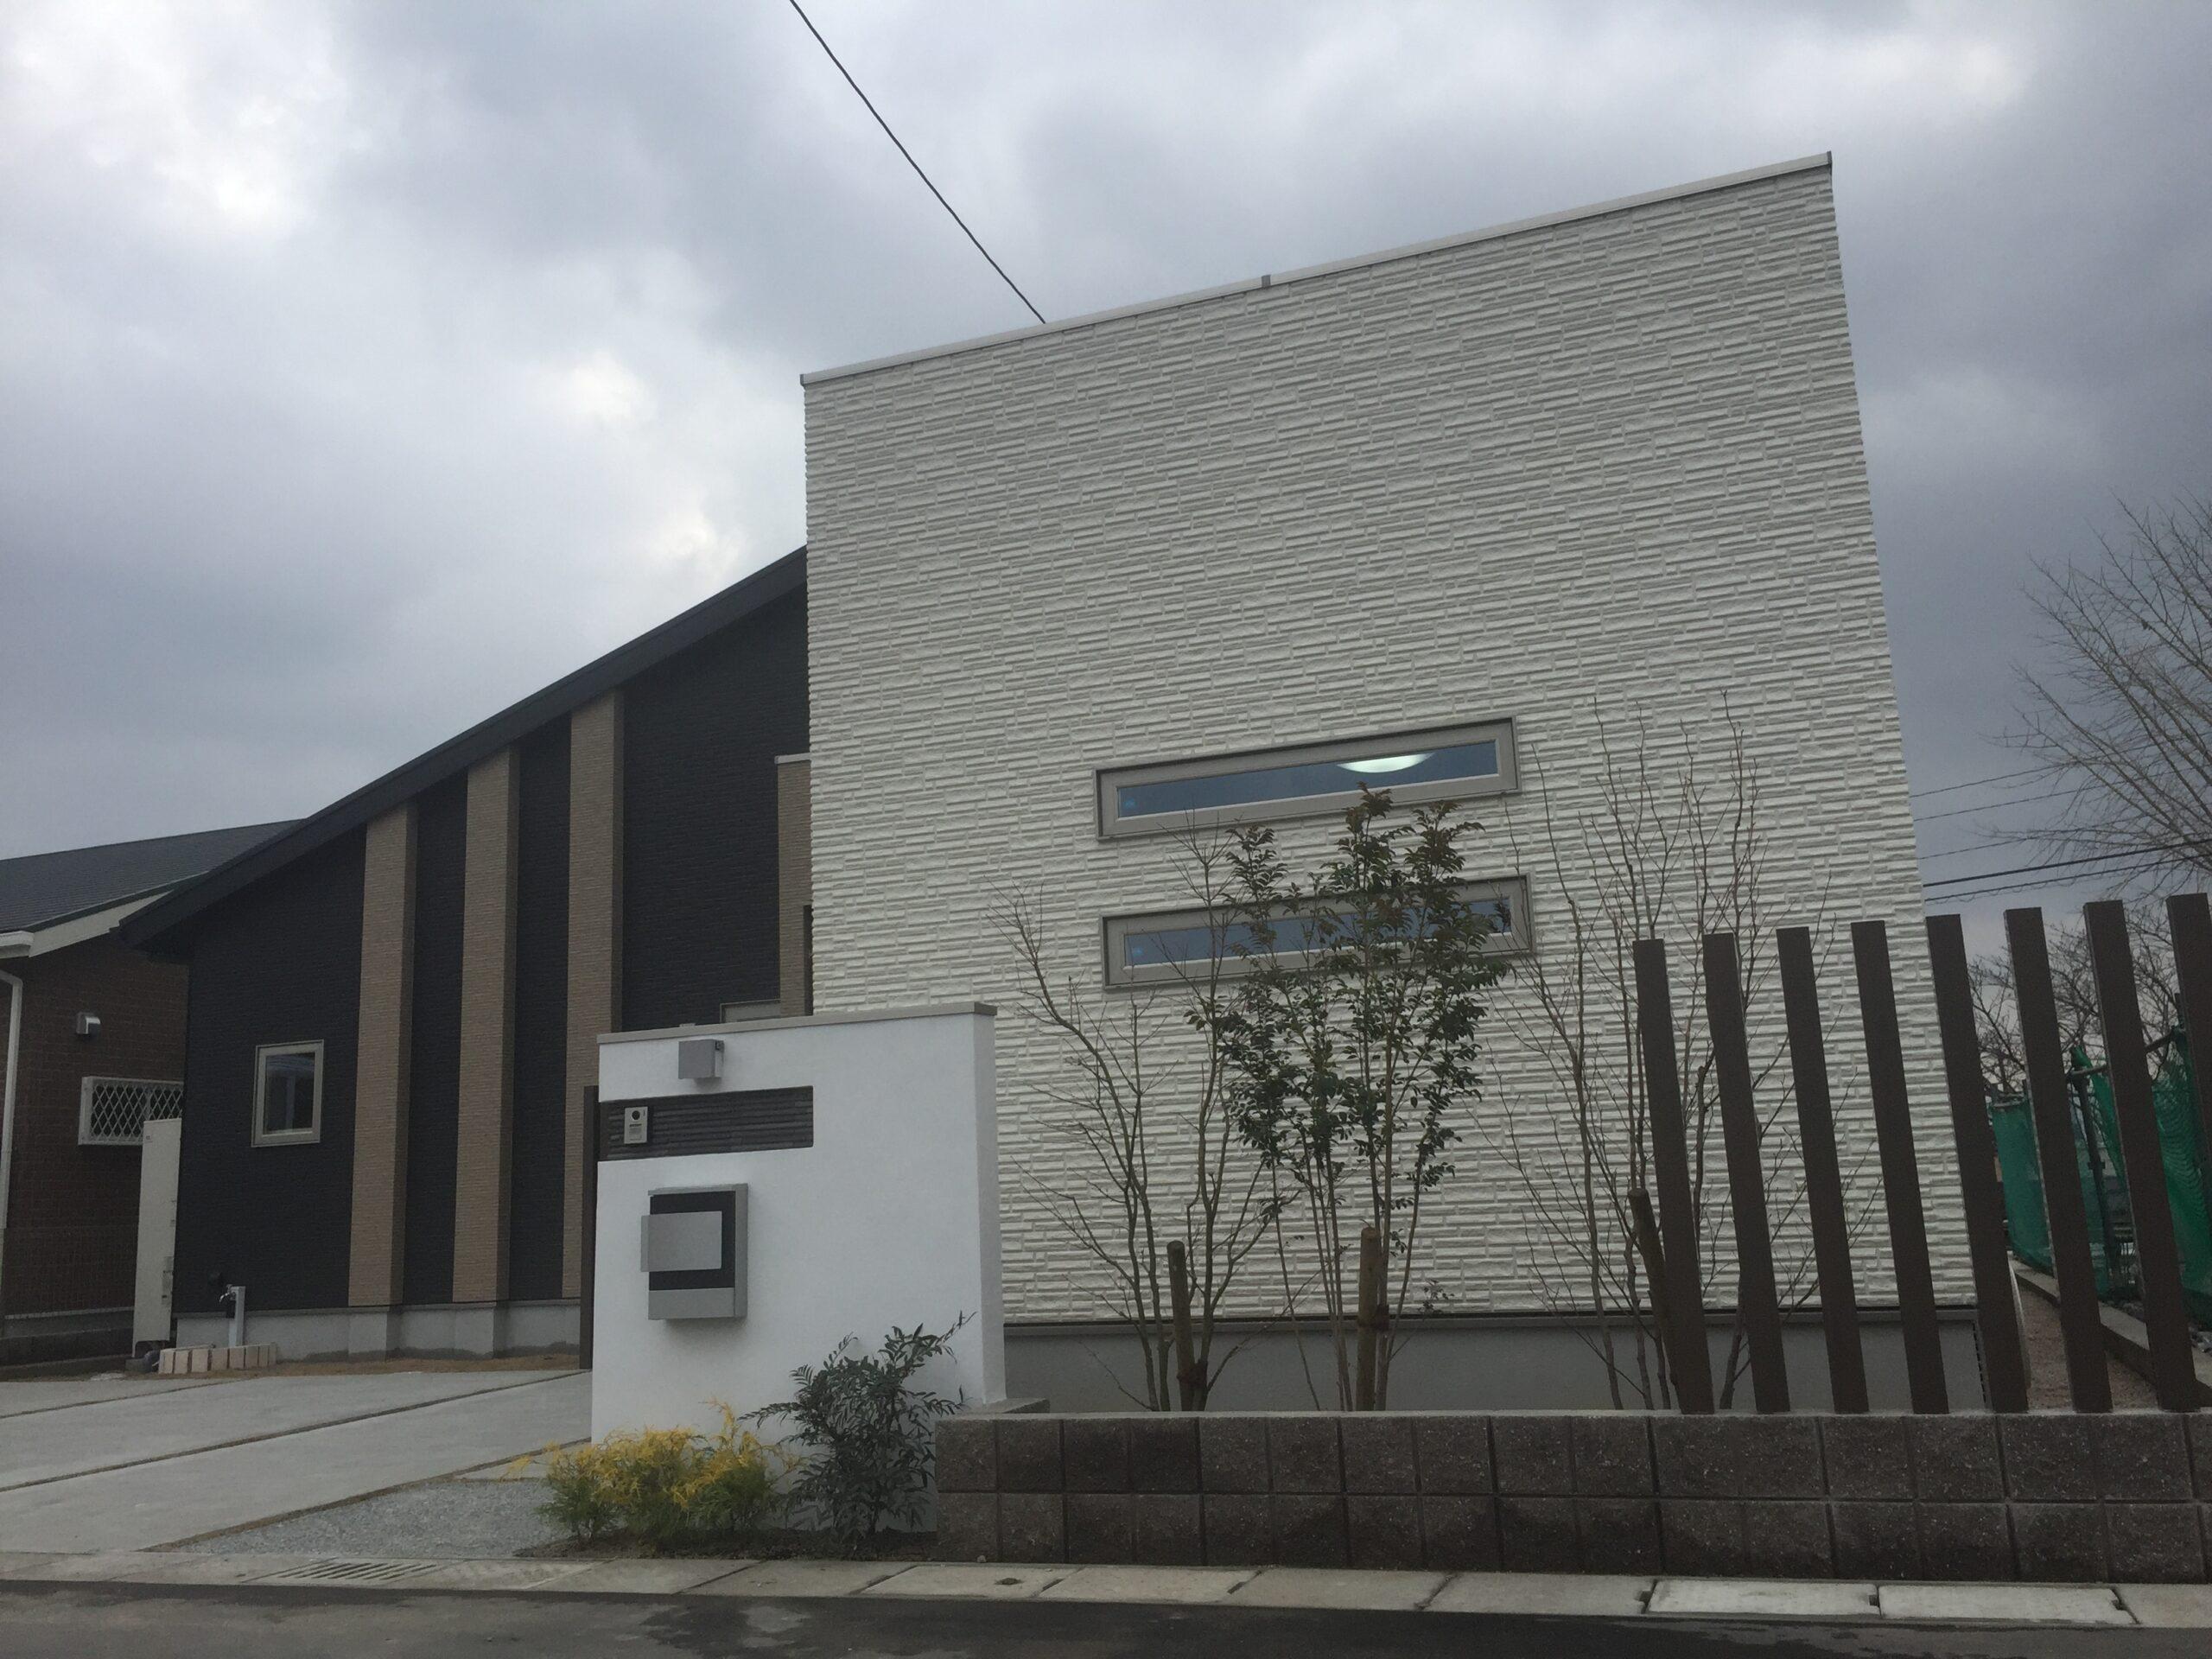 【伊岐須】平屋のモデルハウスがグランドオープン!